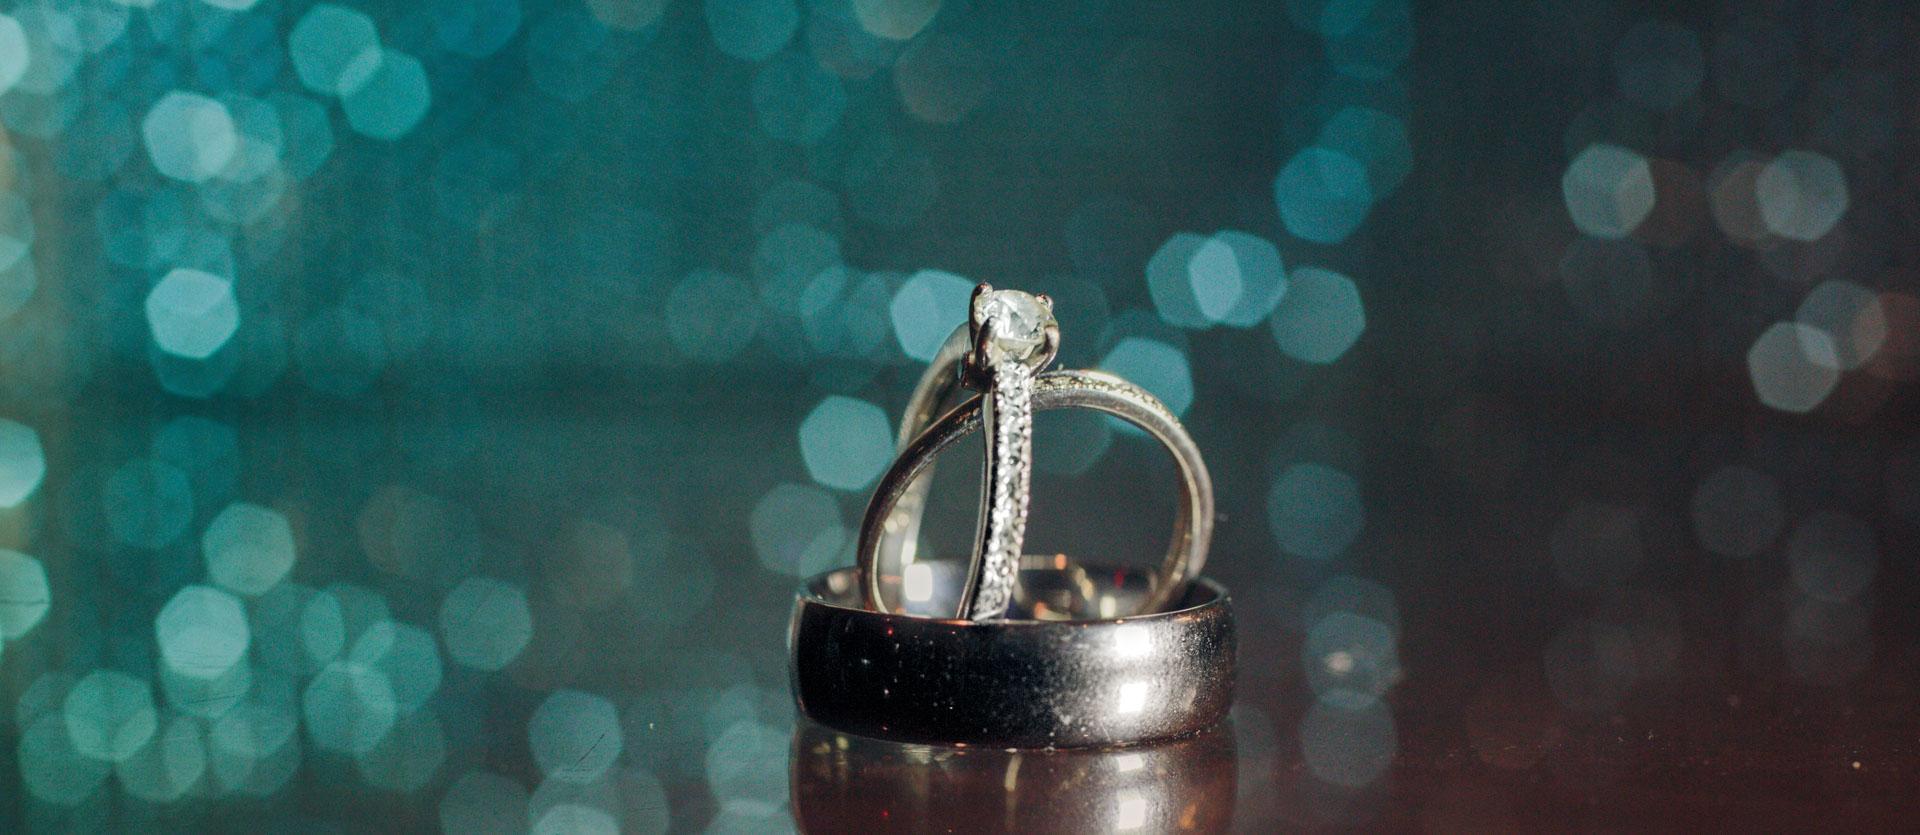 gailey-rings